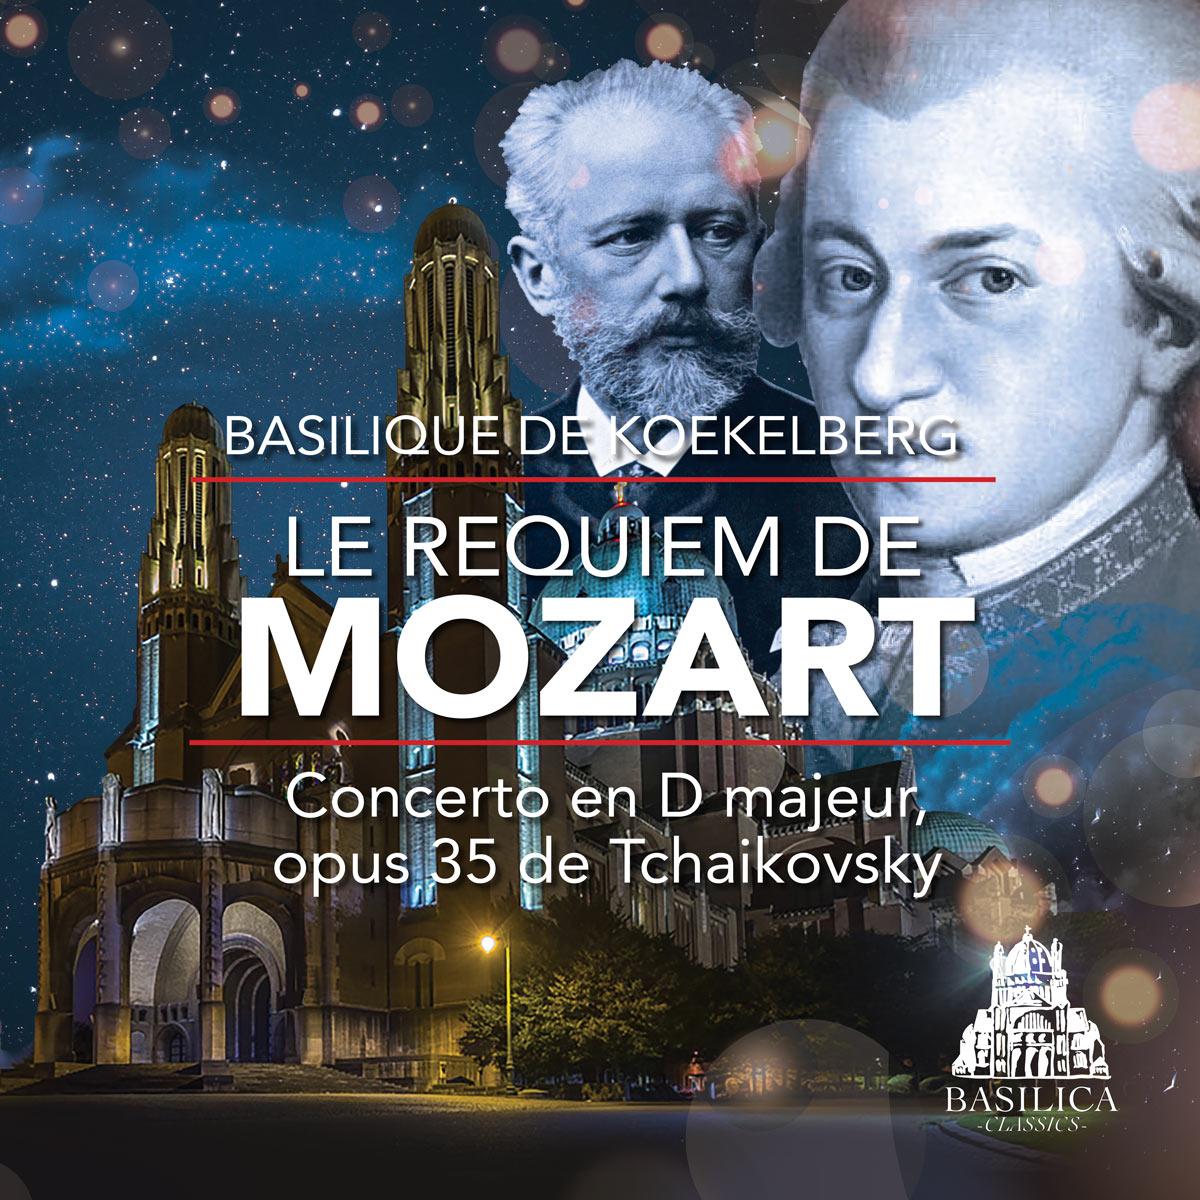 Le requiem de Mozart, Concerto en D majeur, Opus 35 de Tchaikovsky, Opera National d'Ukraine